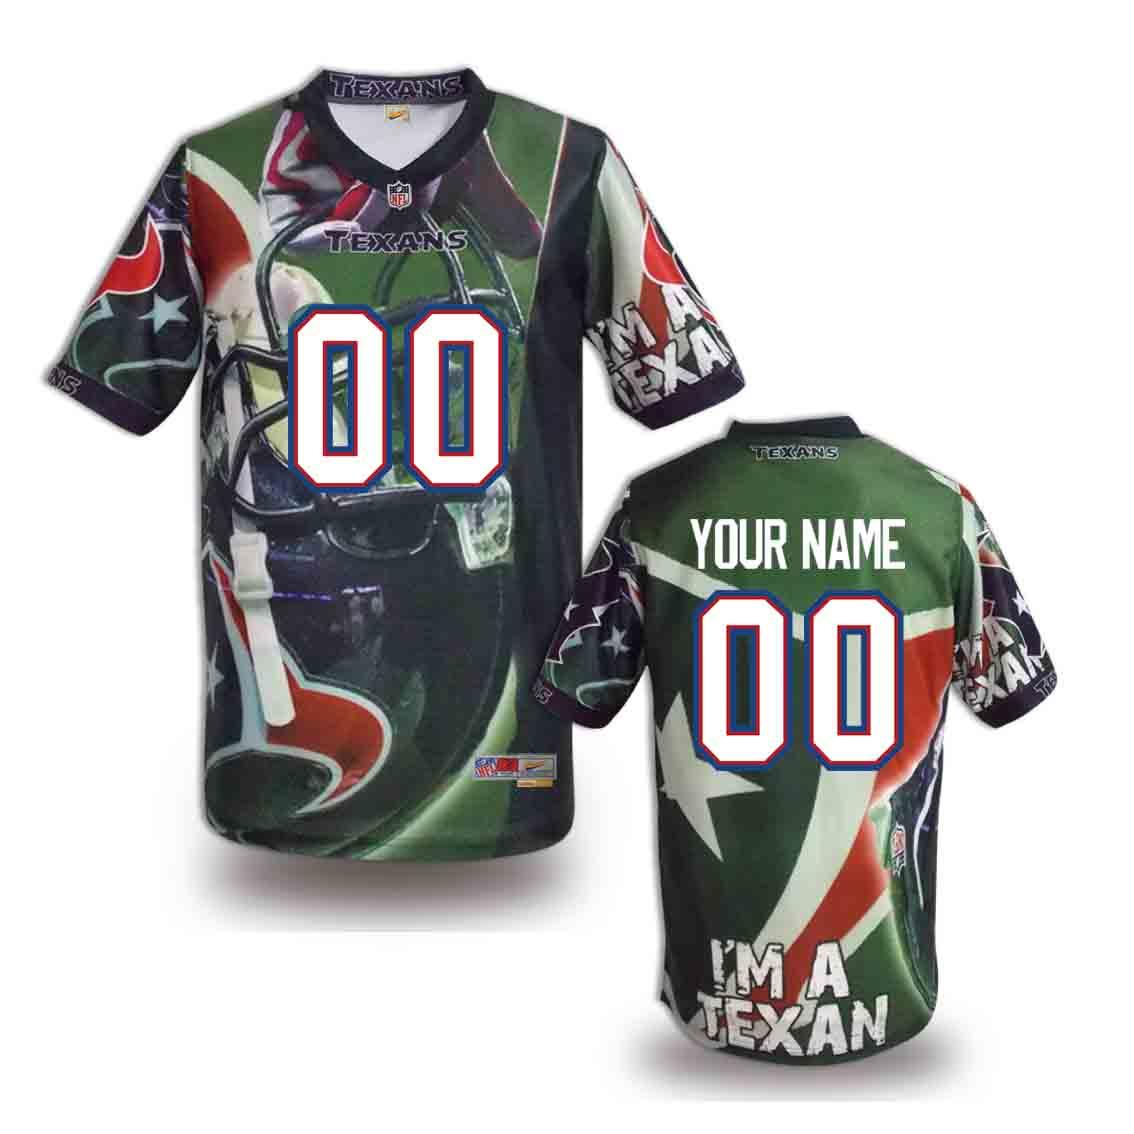 Nike Texans Customized Fashion Stitched Jerseys03